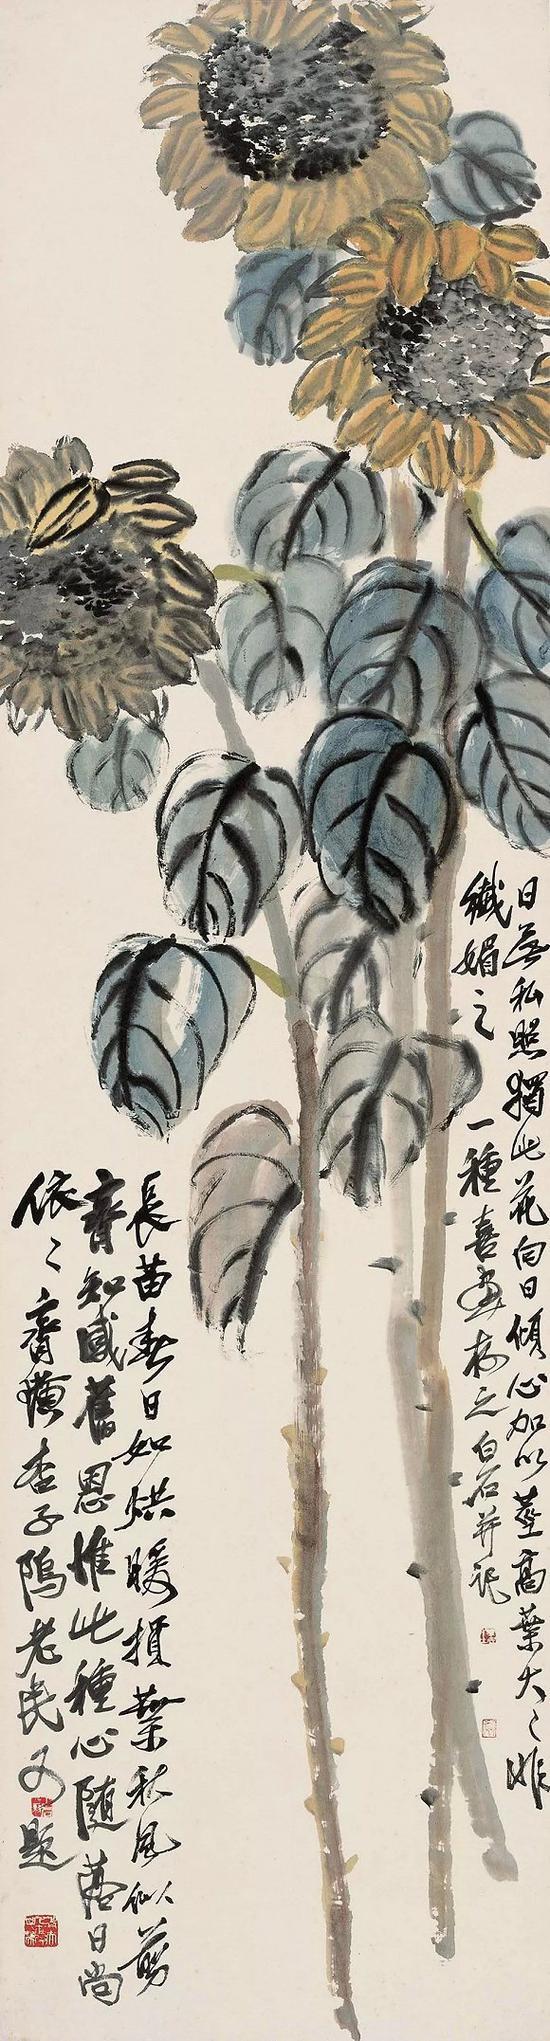 1951年齊白石《向日葵》(2013年中國嘉德春拍 成交價:1552.5萬元)